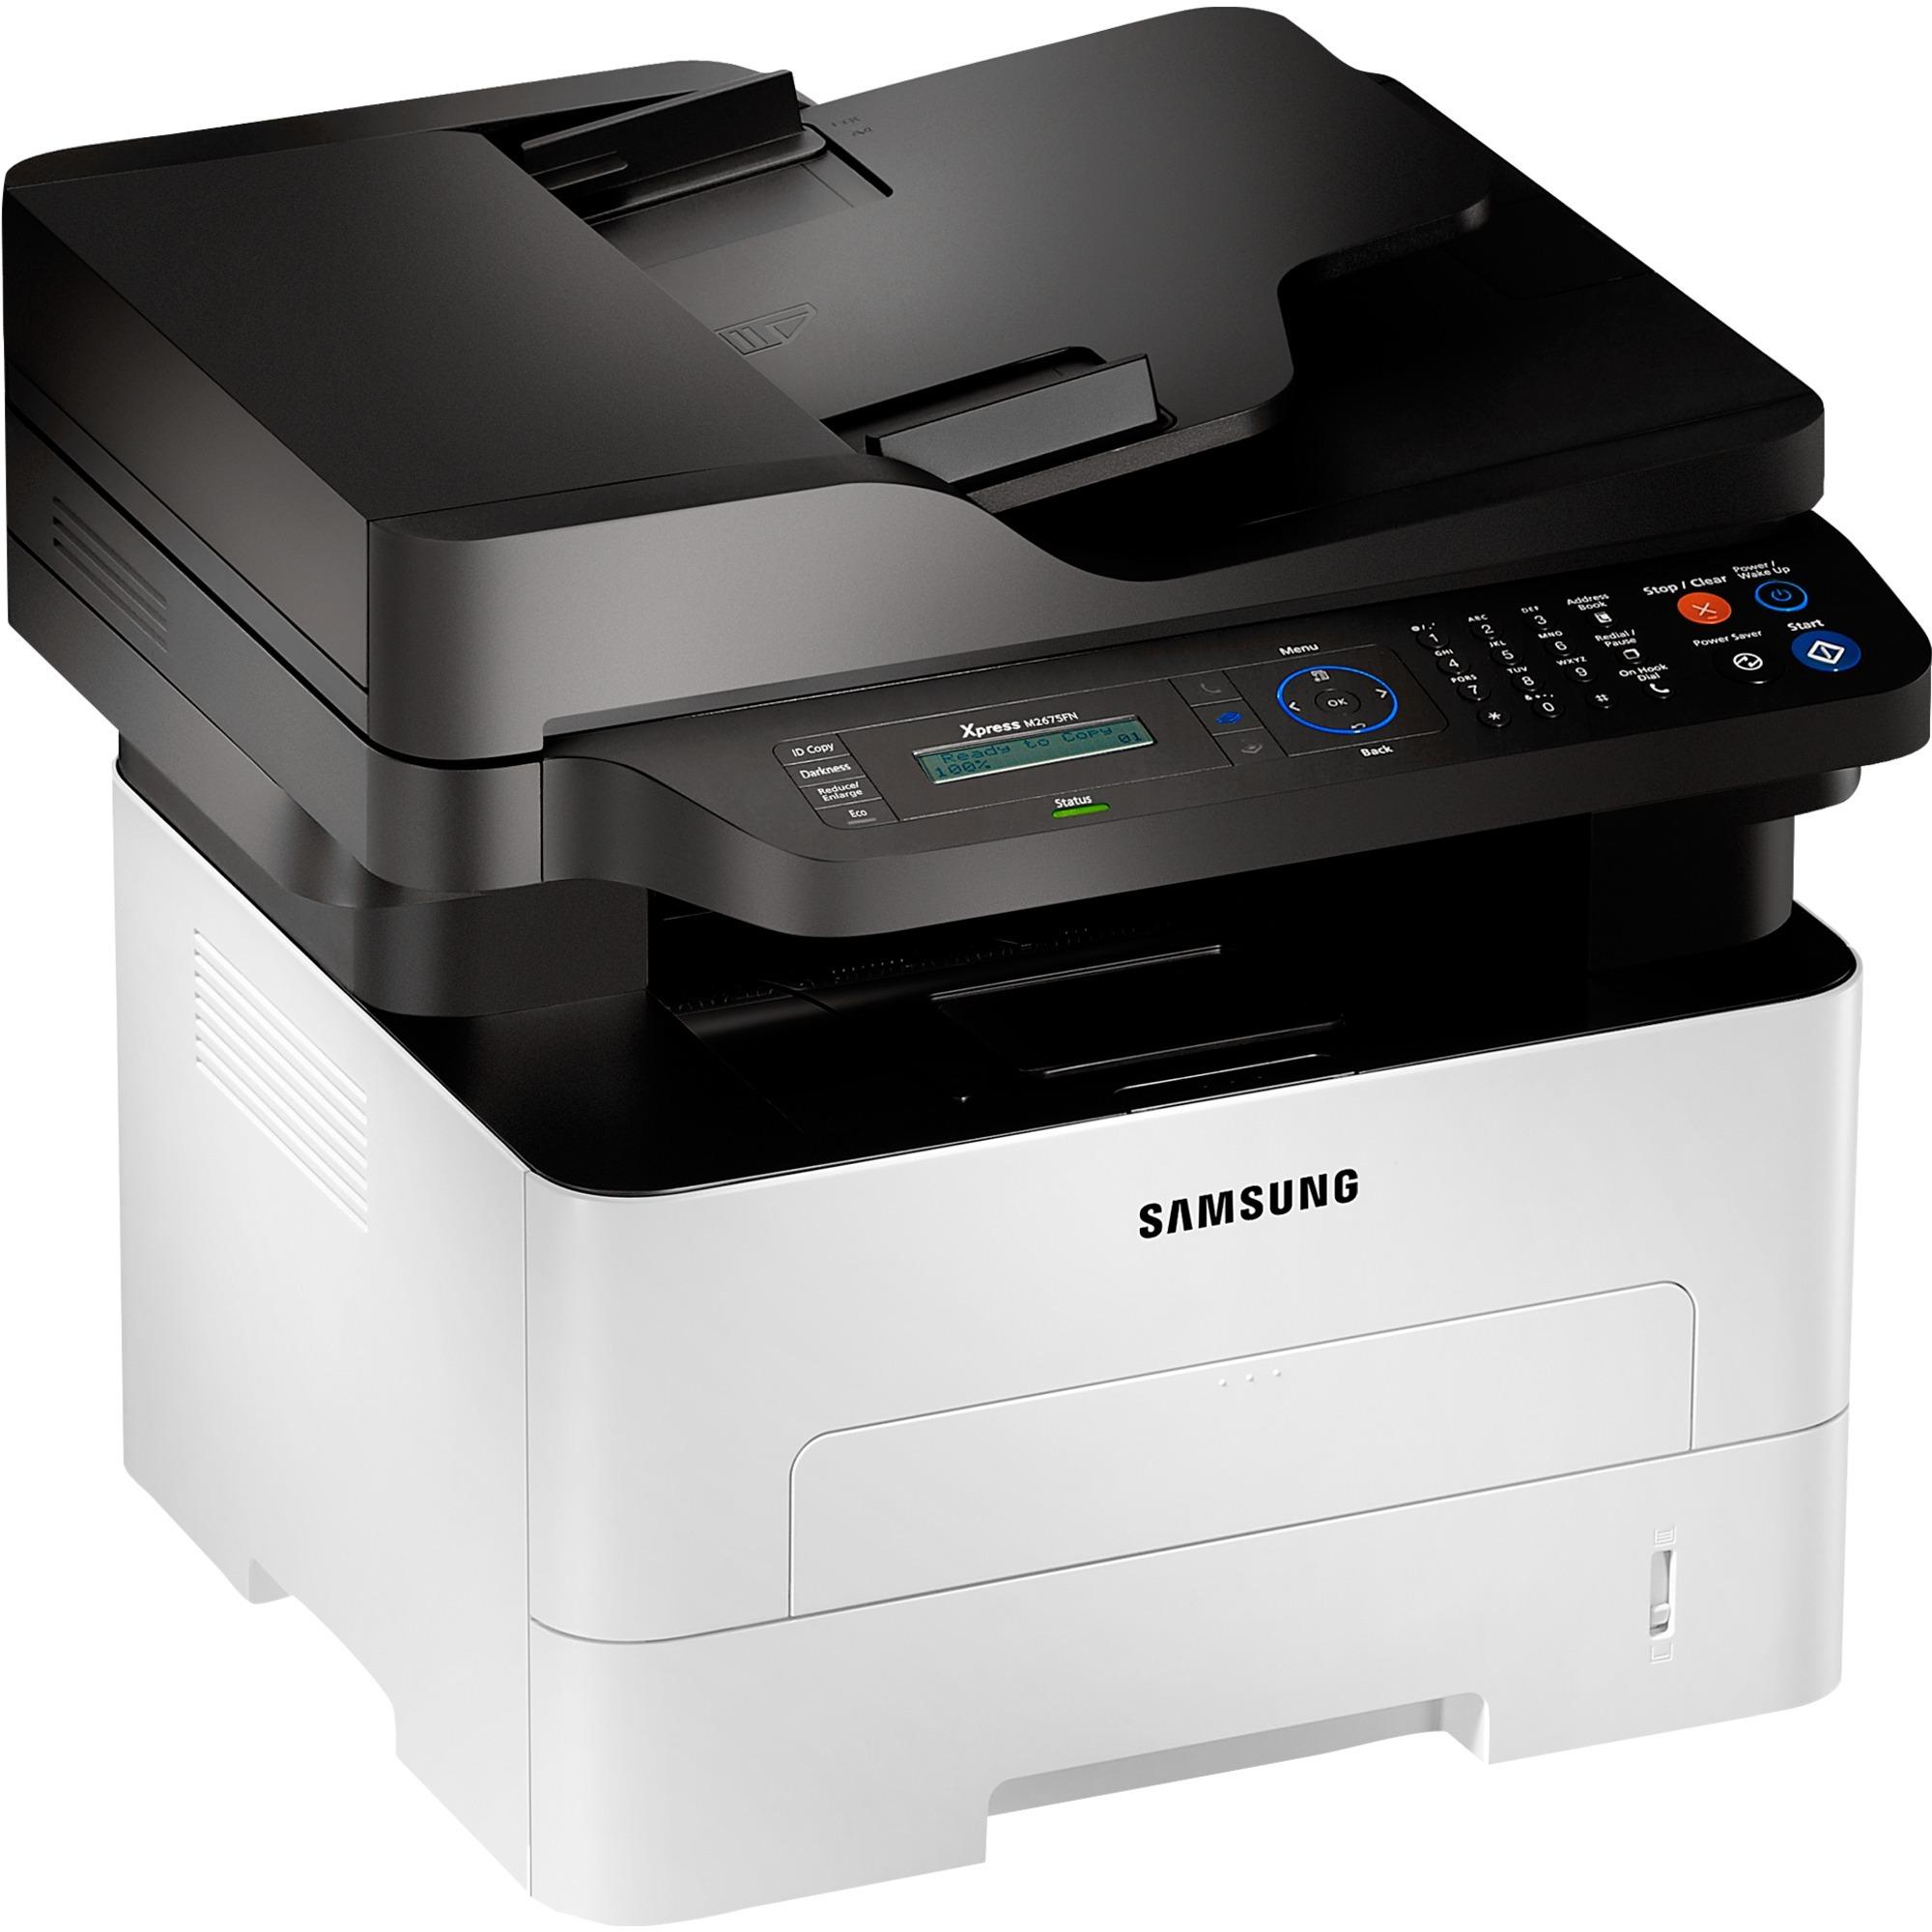 Imprimante laser multifonction Samsung Xpress SL-M2675FN, Imprimante multifonction